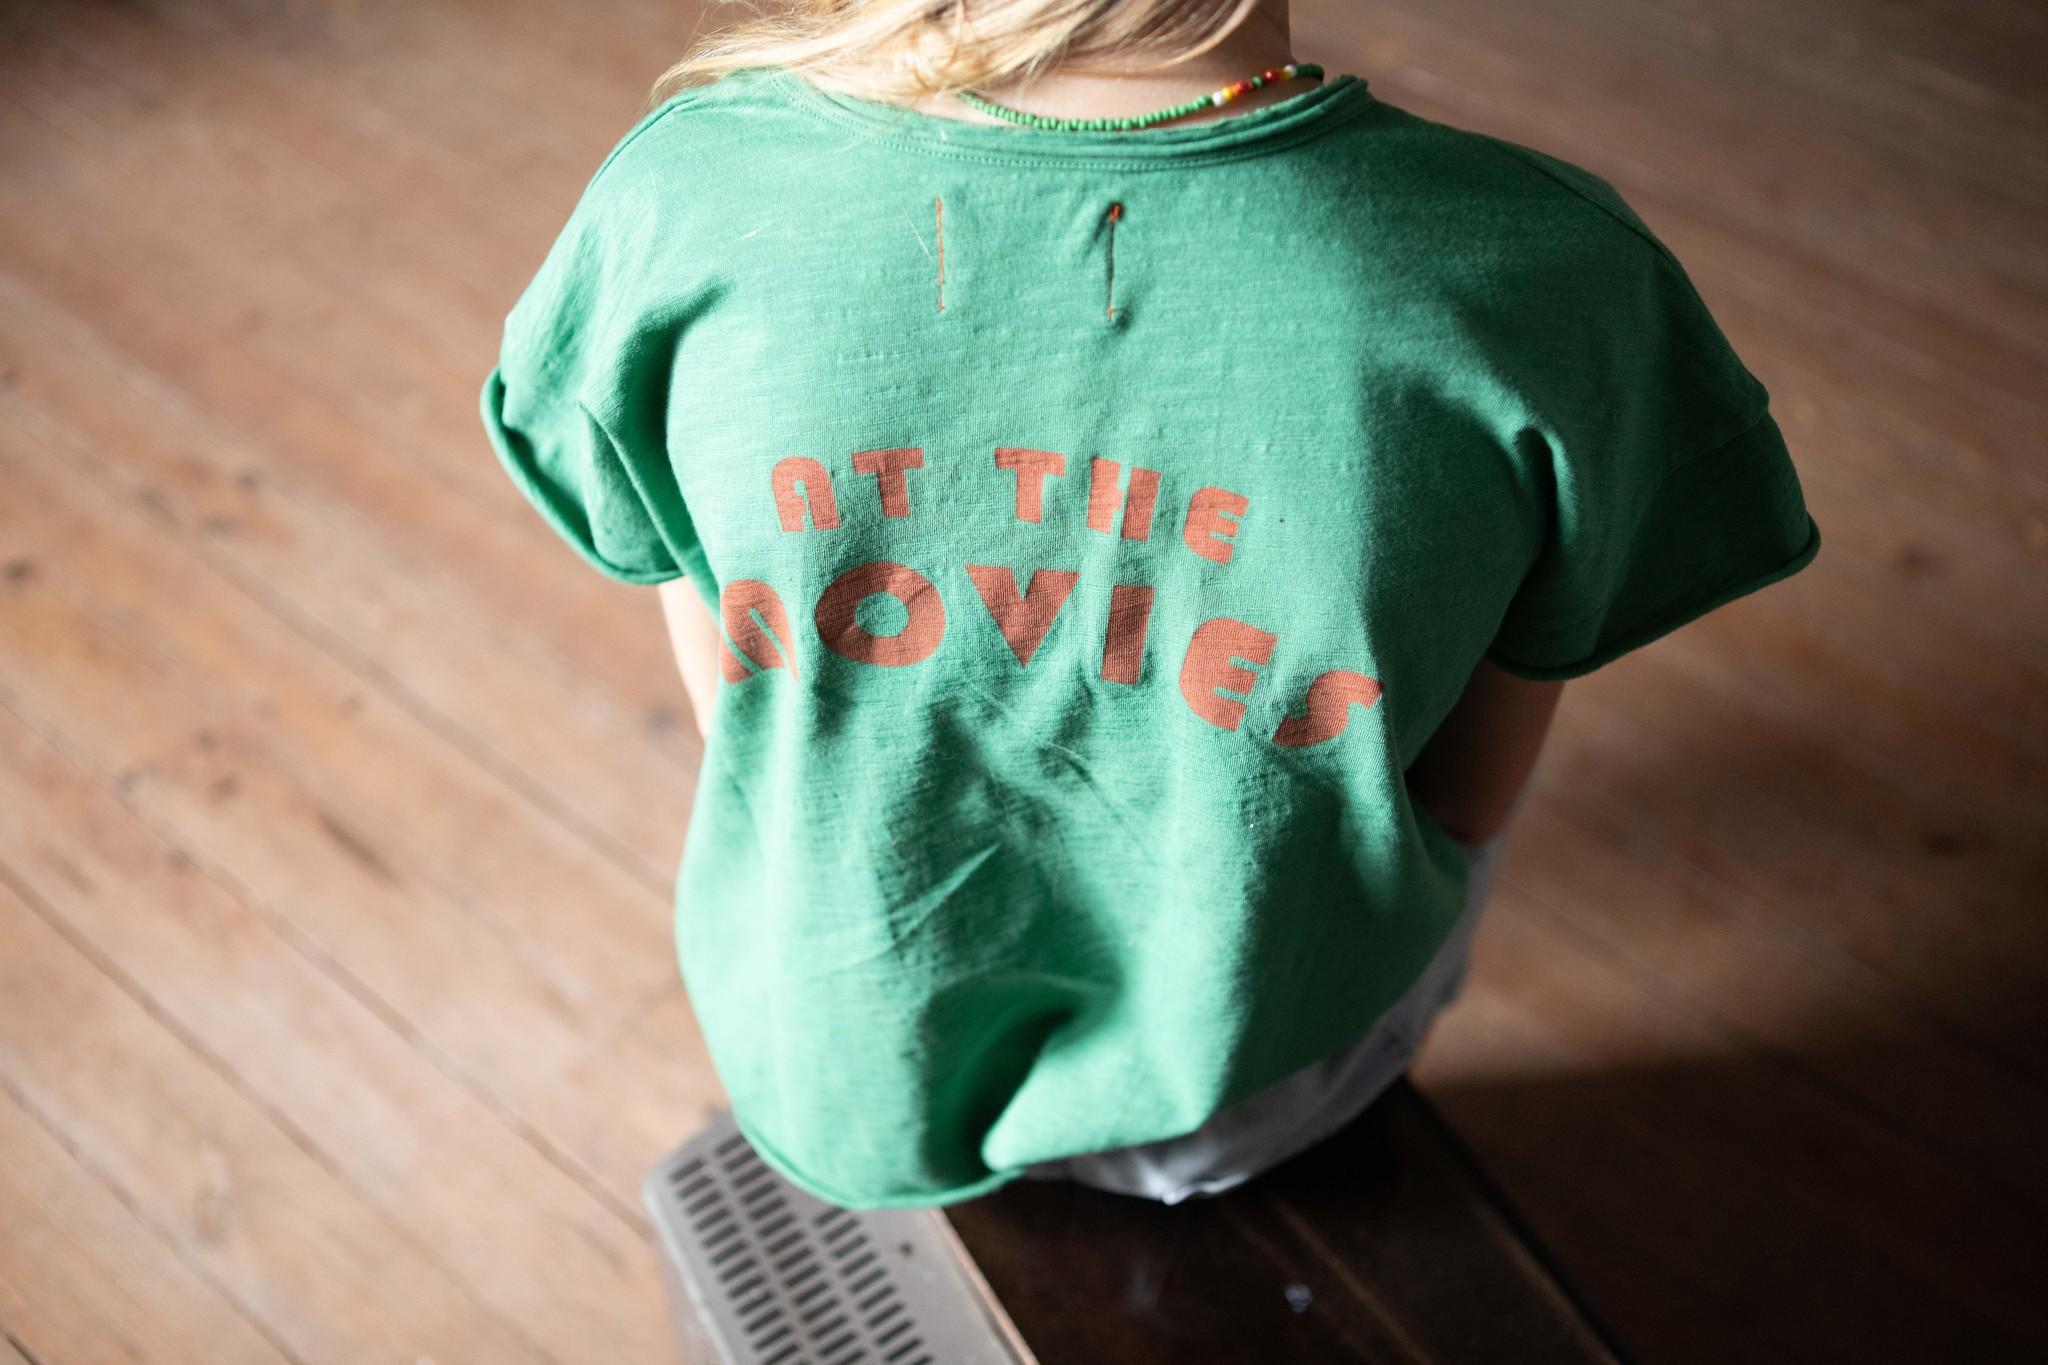 Piupiuchick Piupiuchick - T-shirt green with print